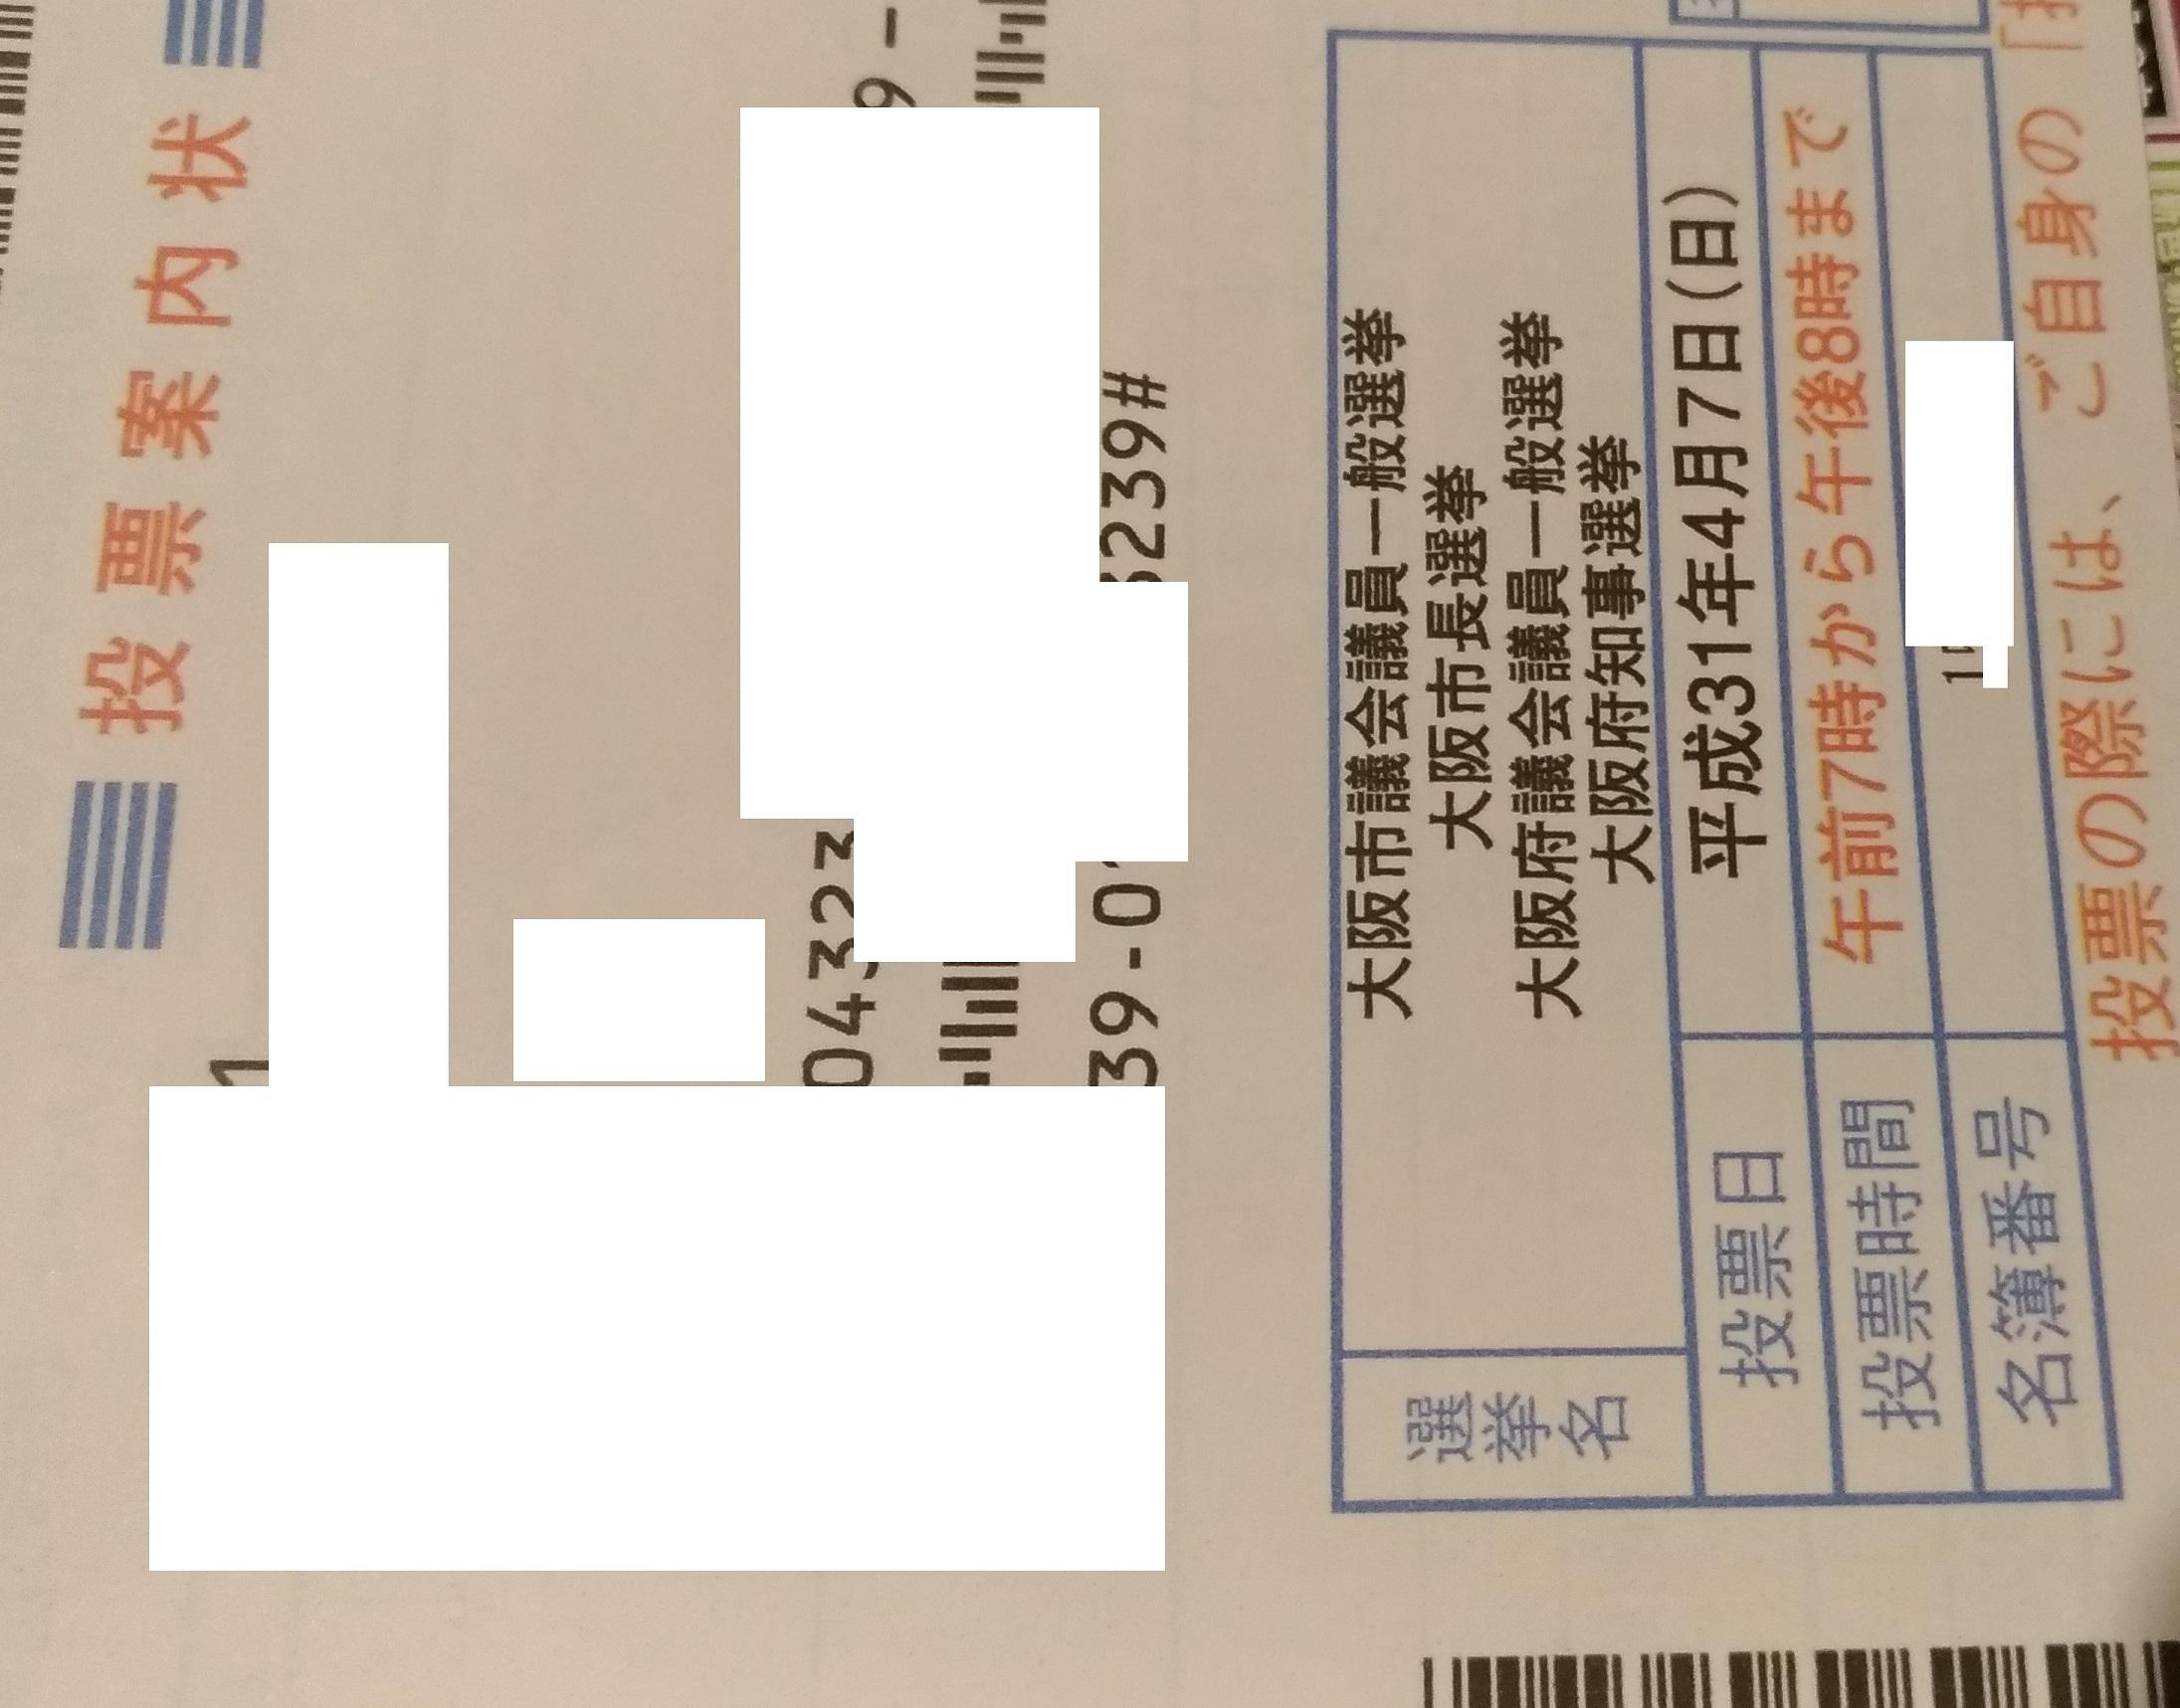 osaka_senkyo2019_shityo_fuchiji_.jpg